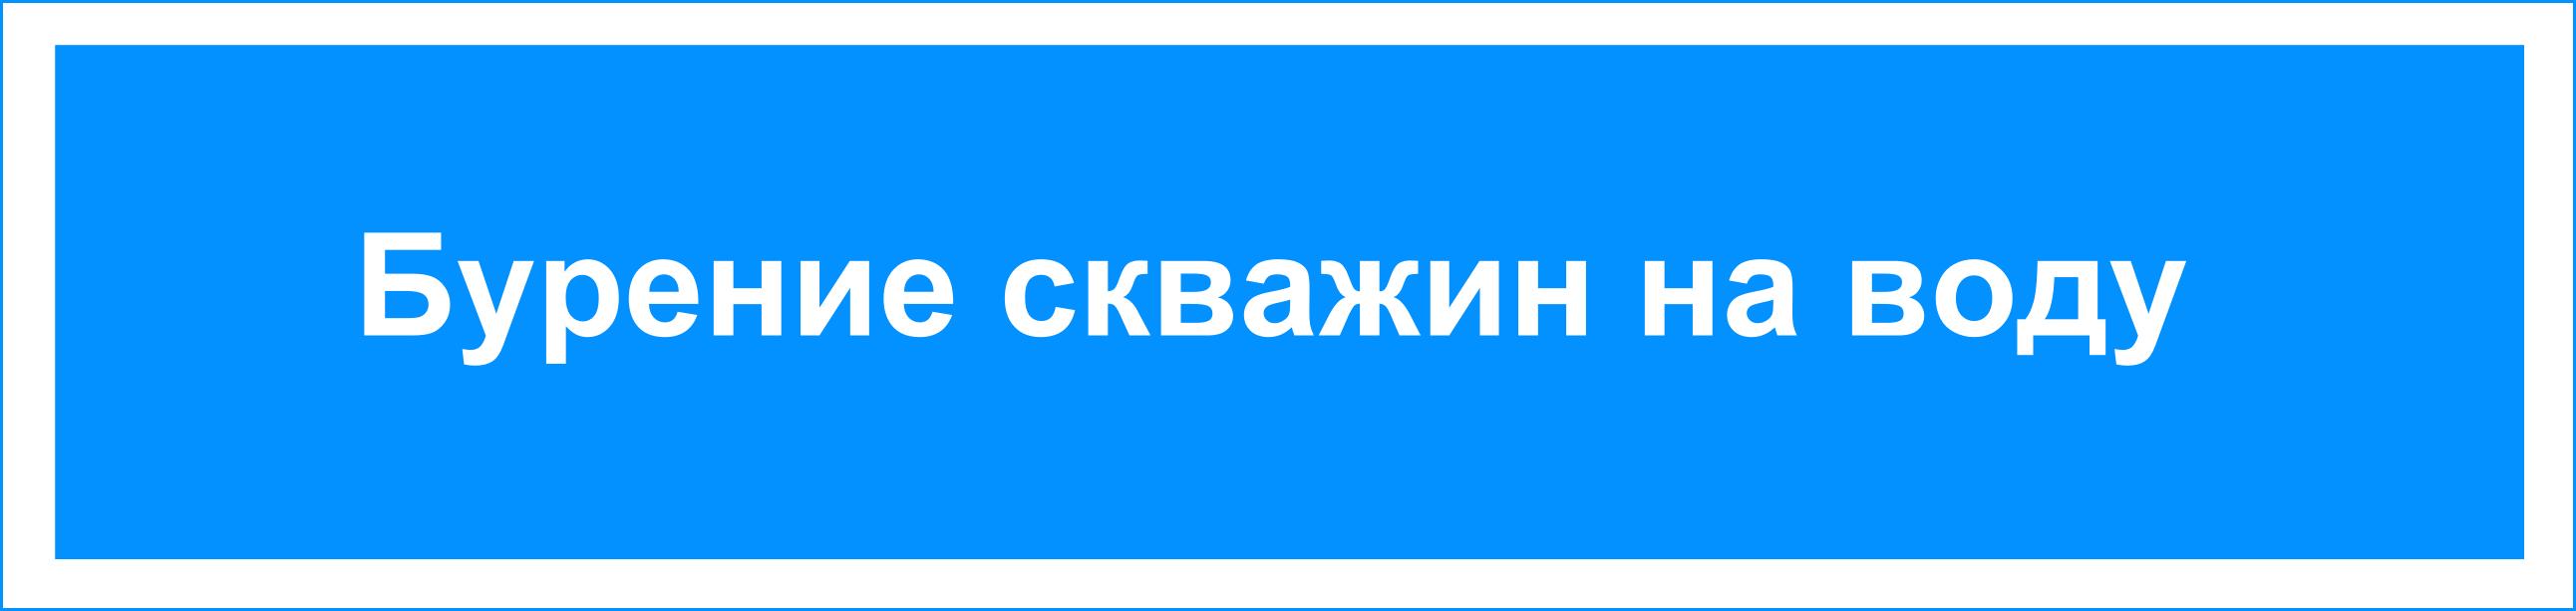 Выполнение буровых работ для организации скважин на песок во Владимирской области